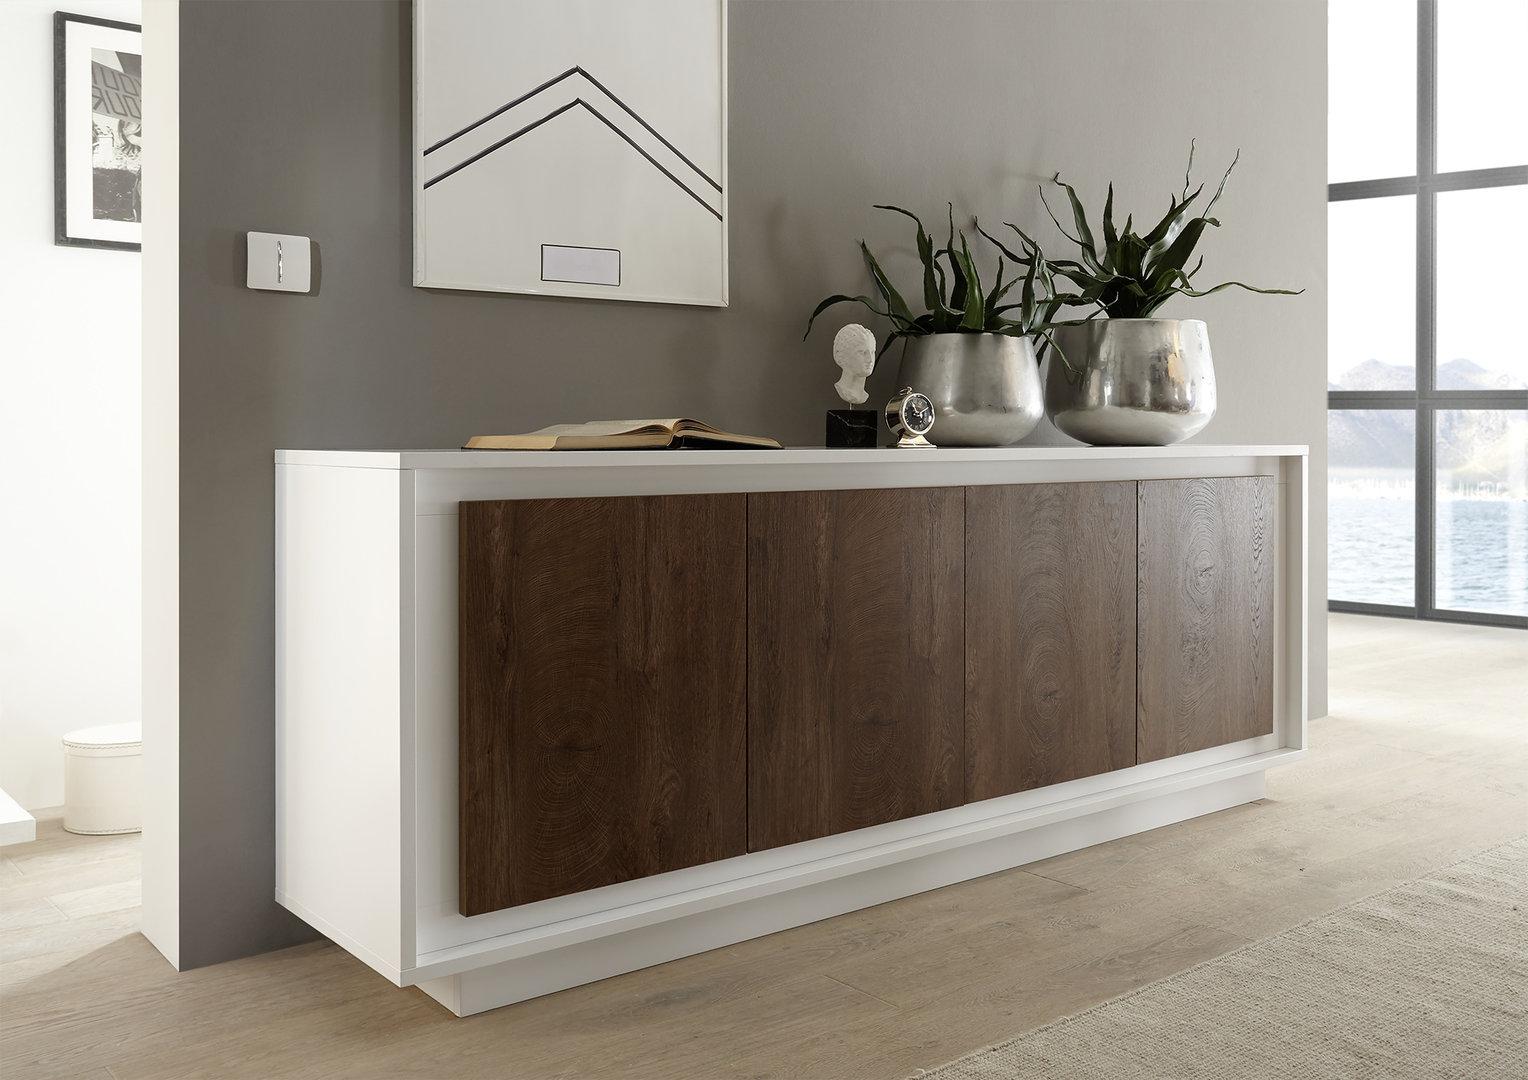 Madia moderna dolce mobile unico e particolare soggiorno for Colori mobili moderni